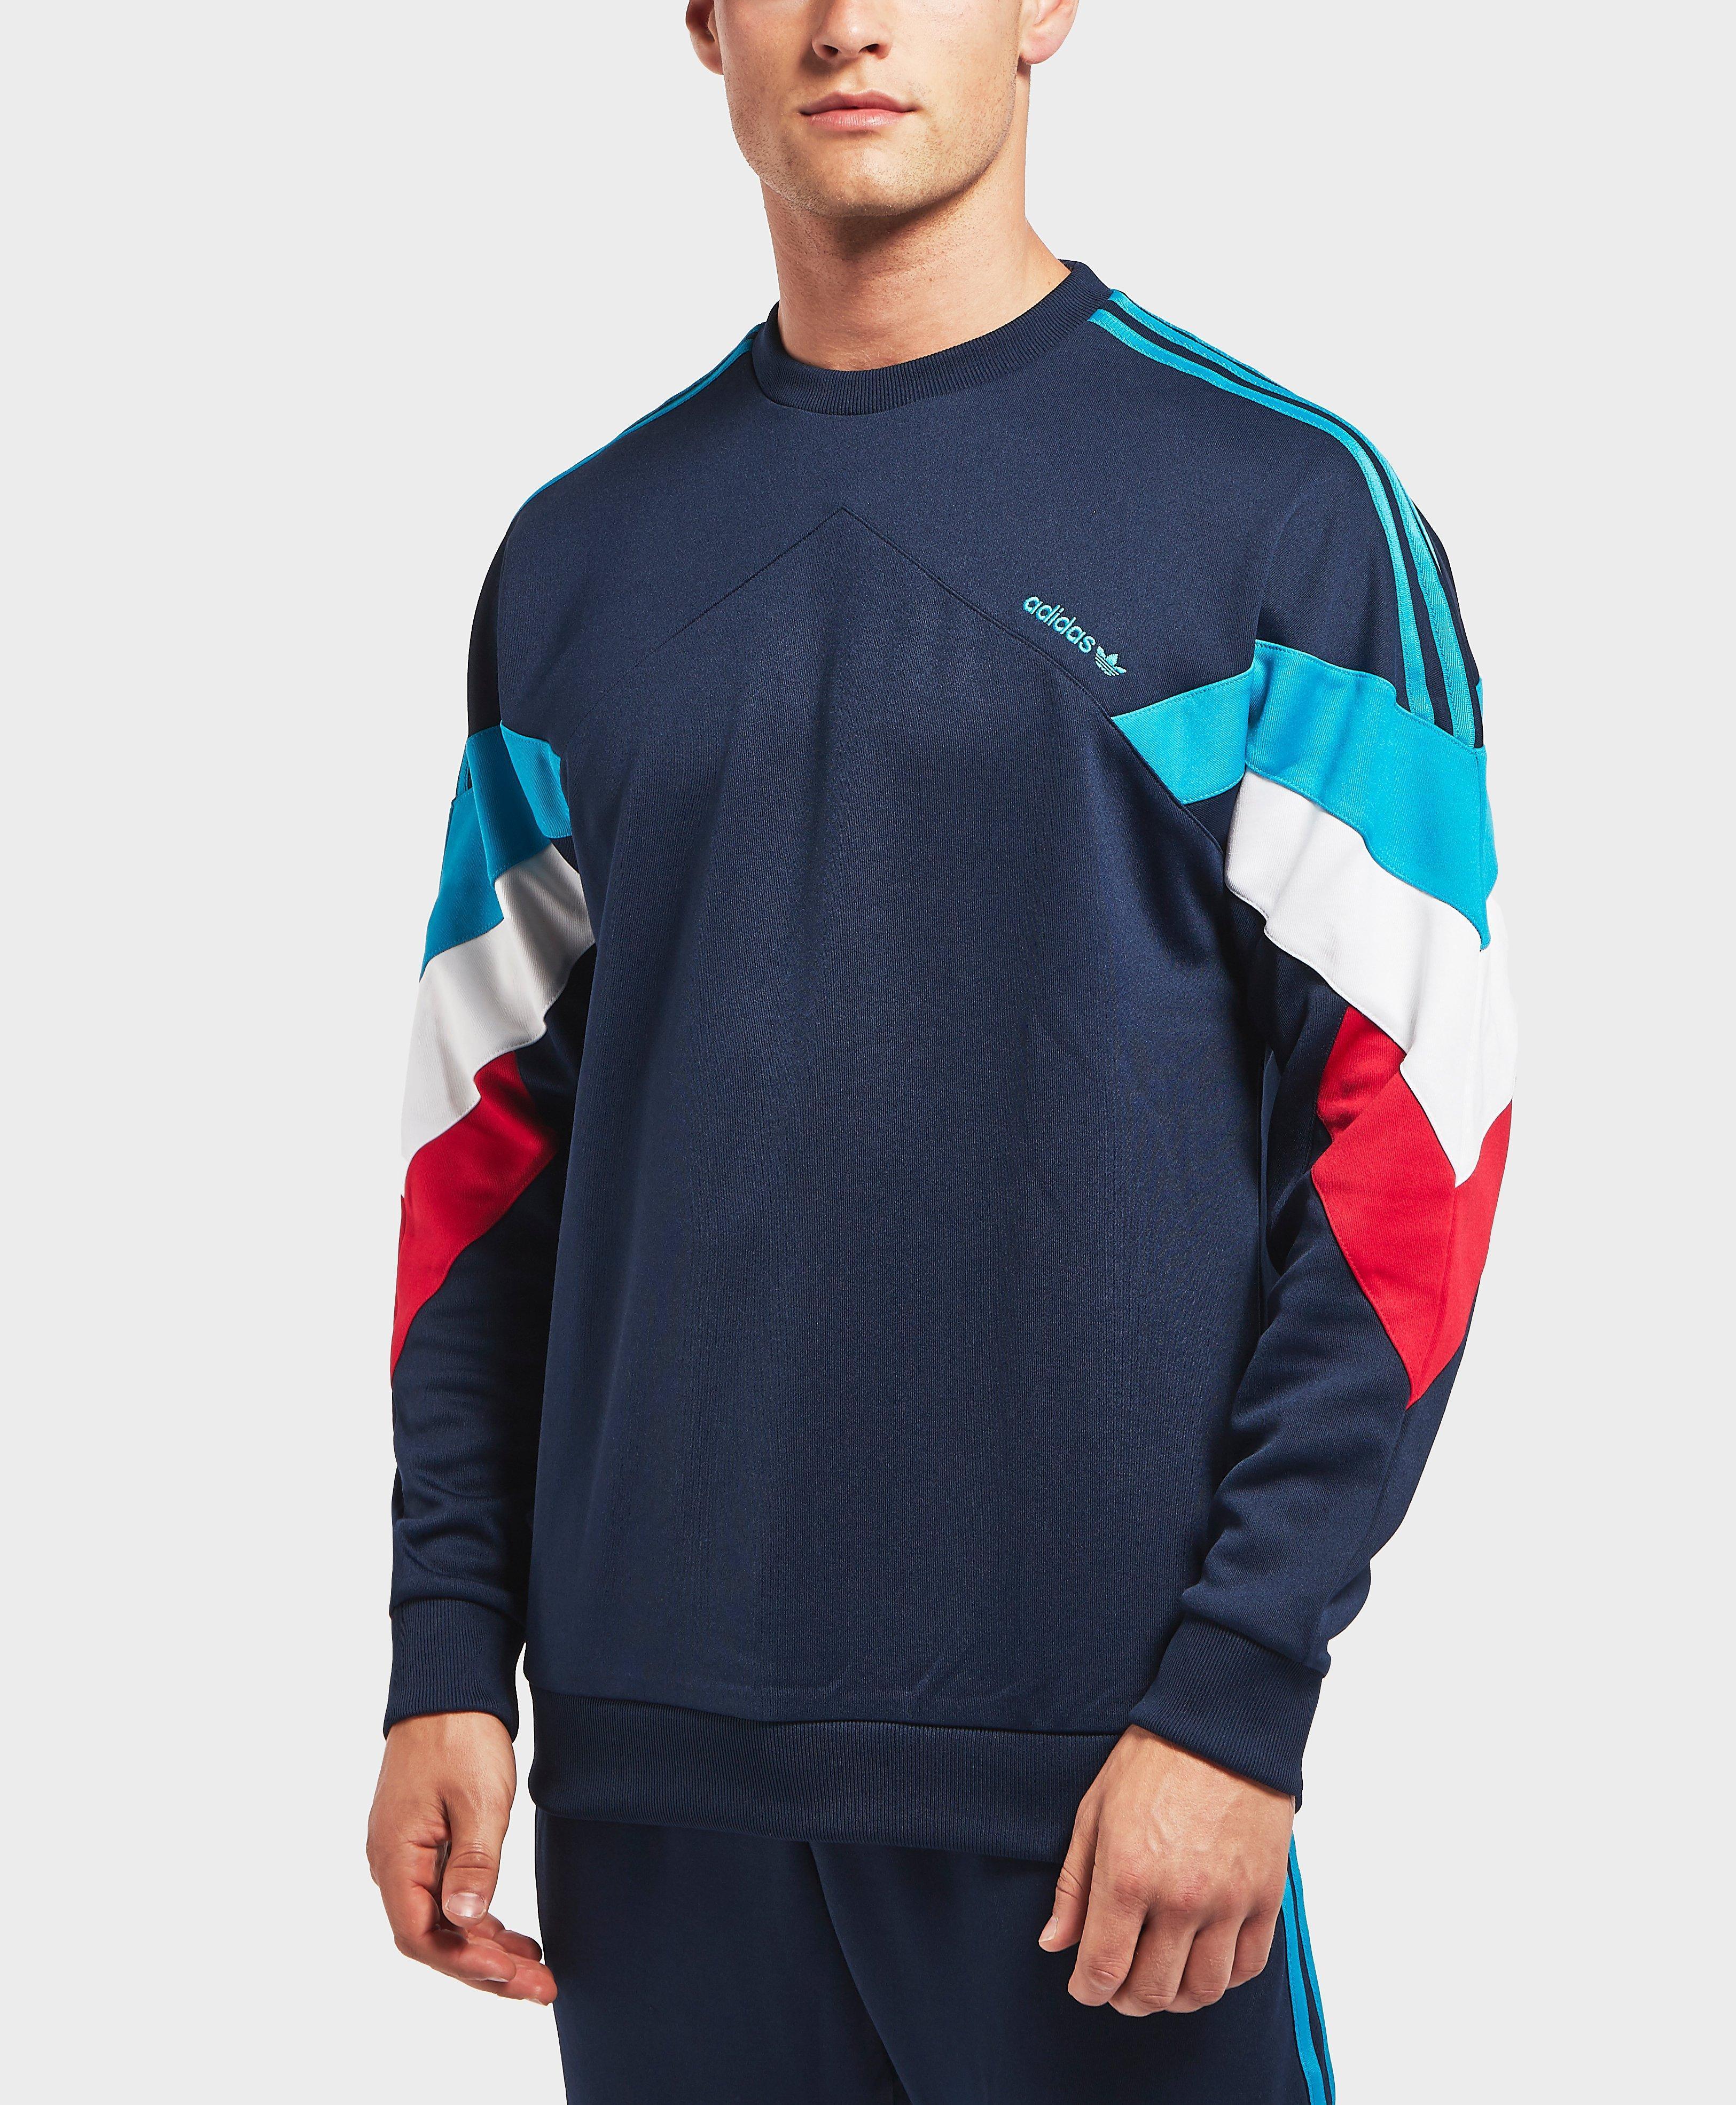 Palmeston Sweatshirt